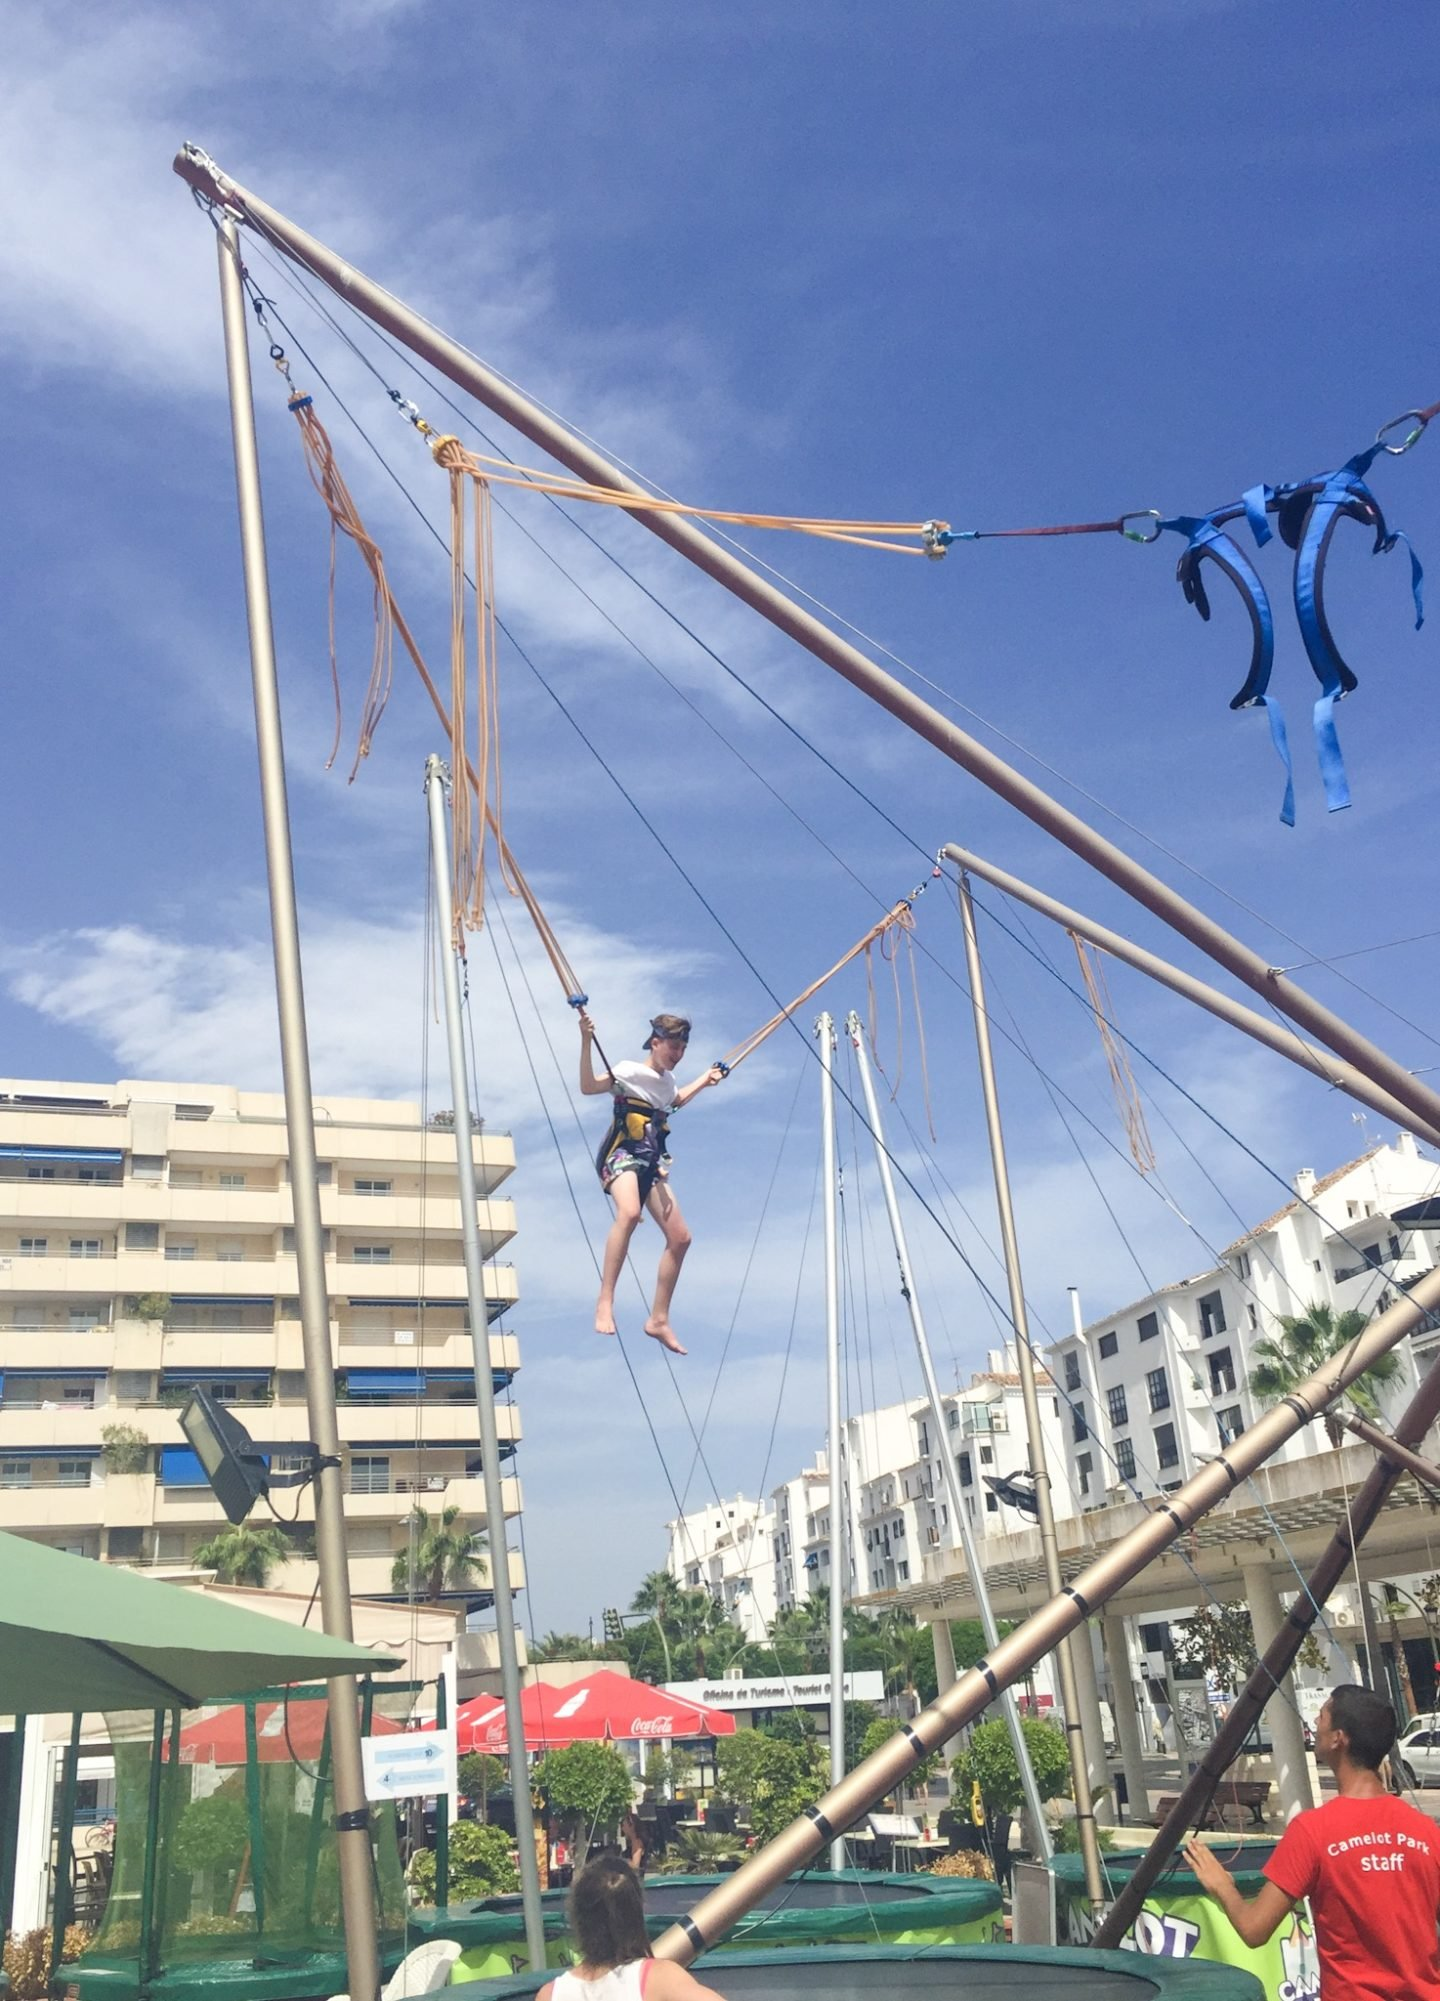 Puerto Banus, Zoco del Sol market in Plaza Antonio Banderas trampolines for kids